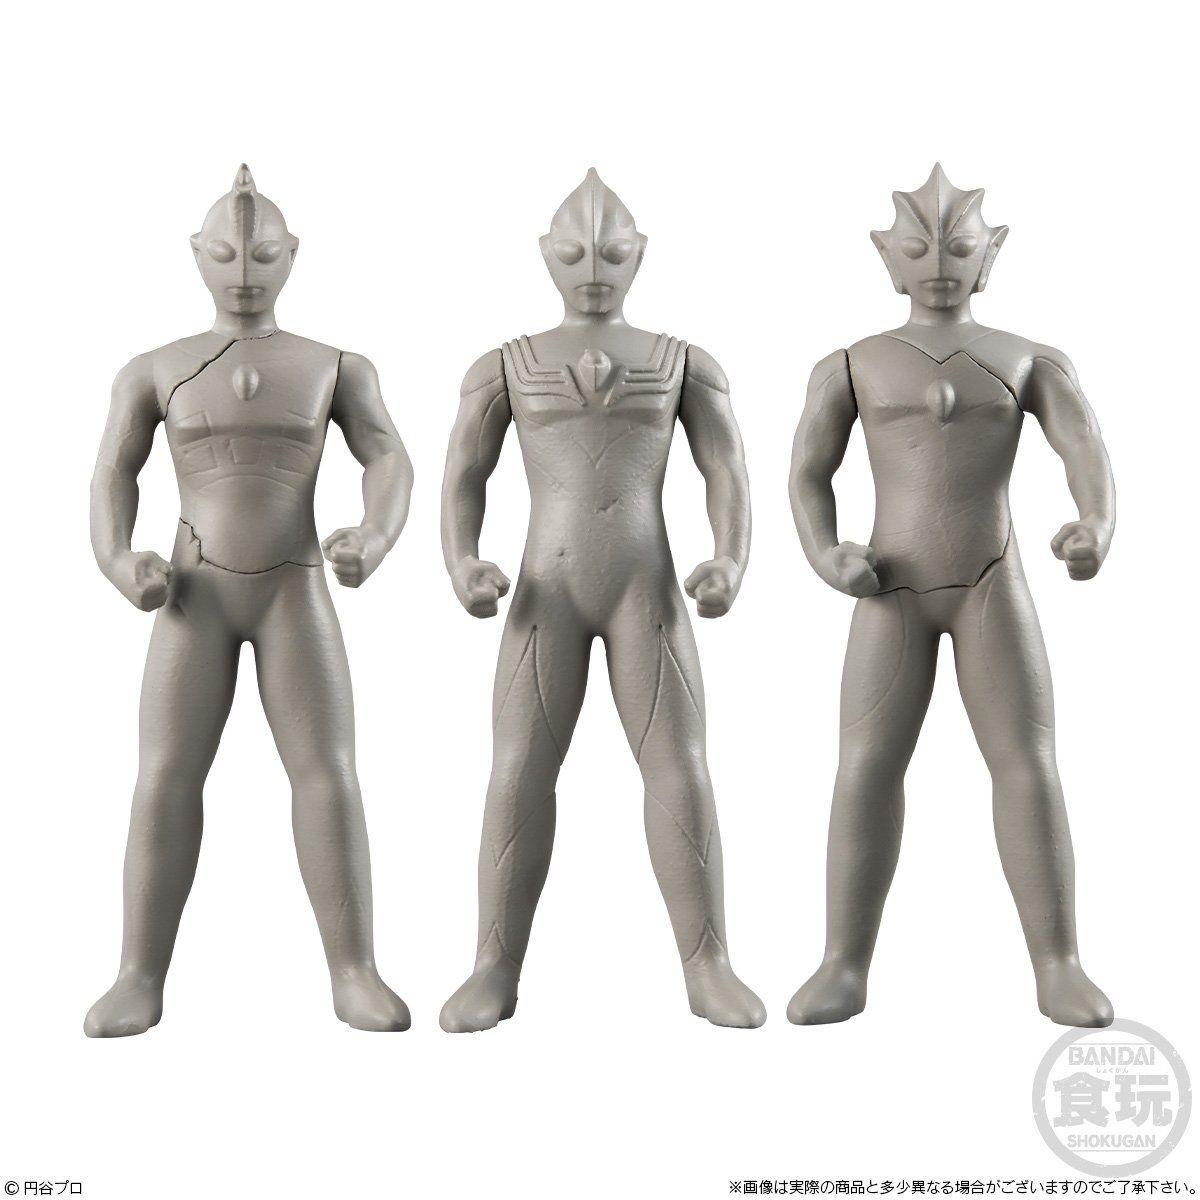 【限定販売】【食玩】超動ウルトラマン『ウルトラマンティガ -光を継ぐもの-』可動フィギュア-006